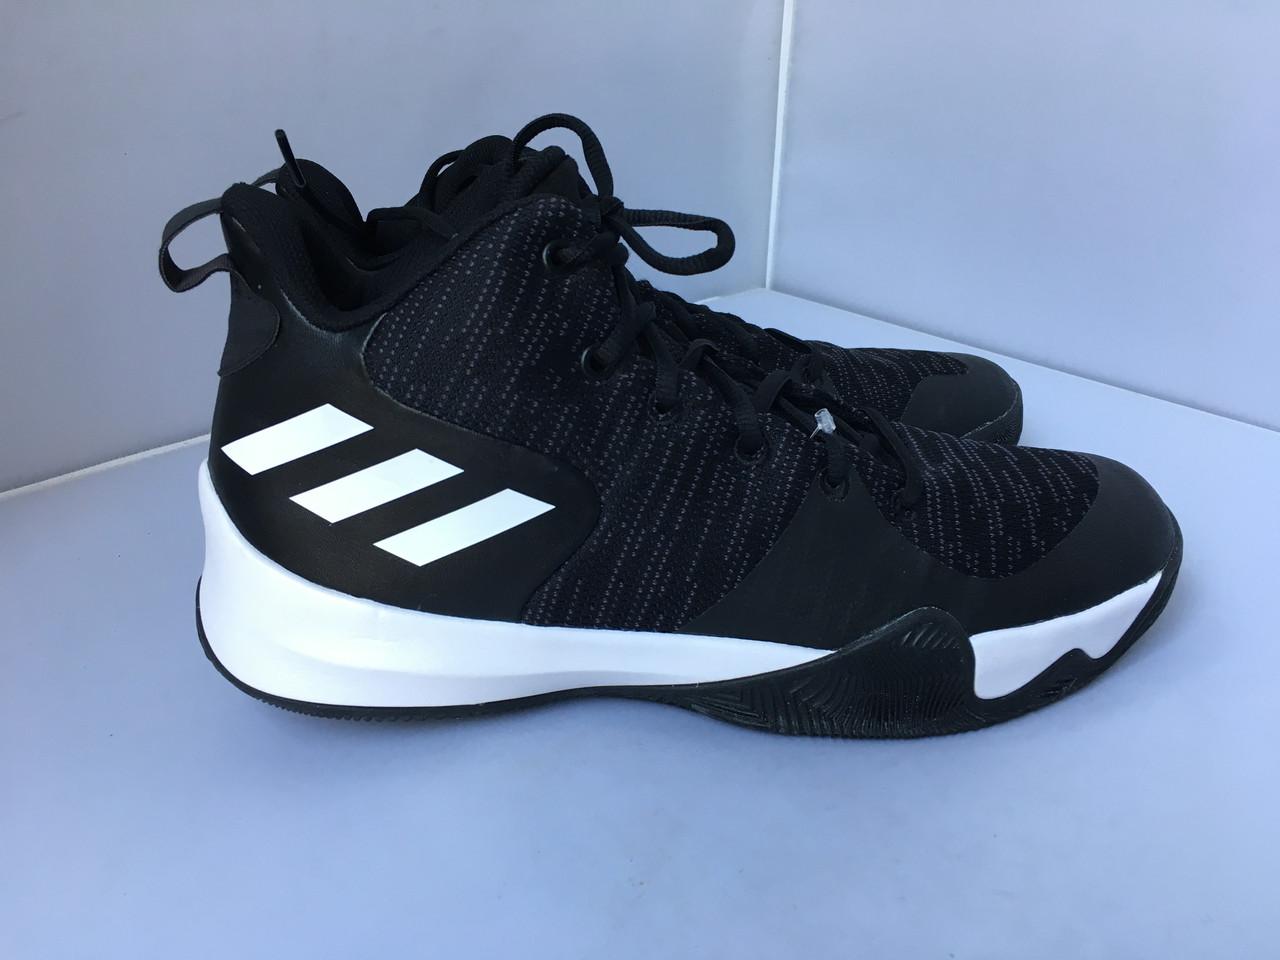 Баскетбольные кроссовки ADIDAS EXPLOSIVE FLASH, 44 2/3 размер